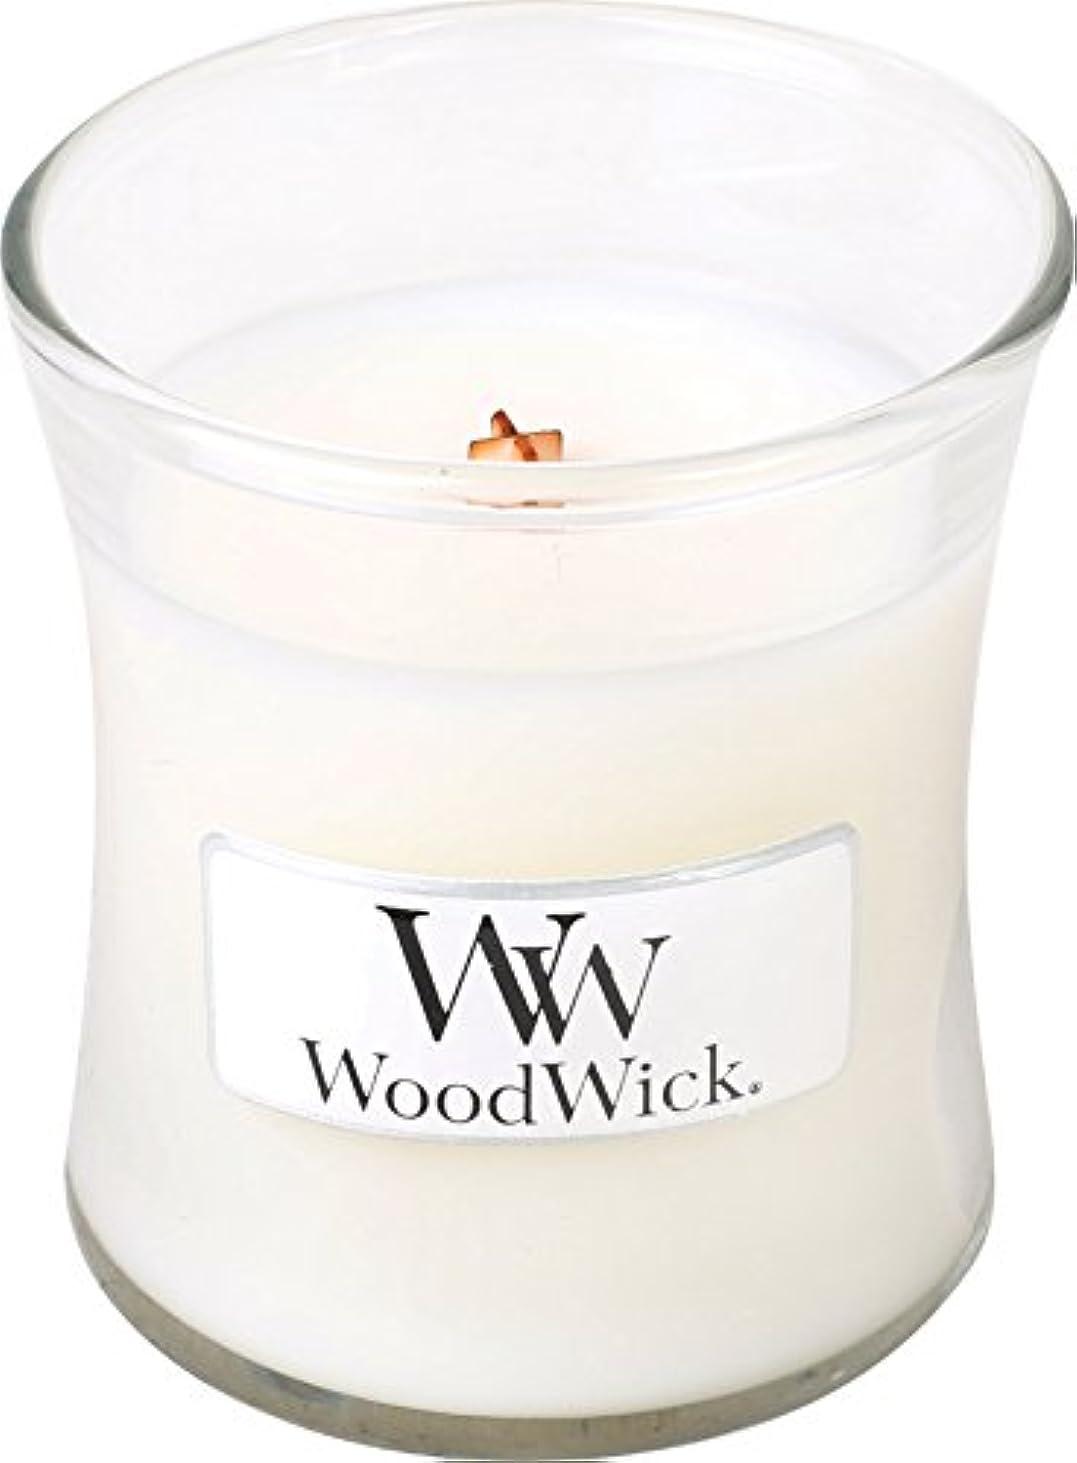 その間減衰制裁Wood Wick ウッドウィック ジャーキャンドルSサイズ ホワイトティージャスミン